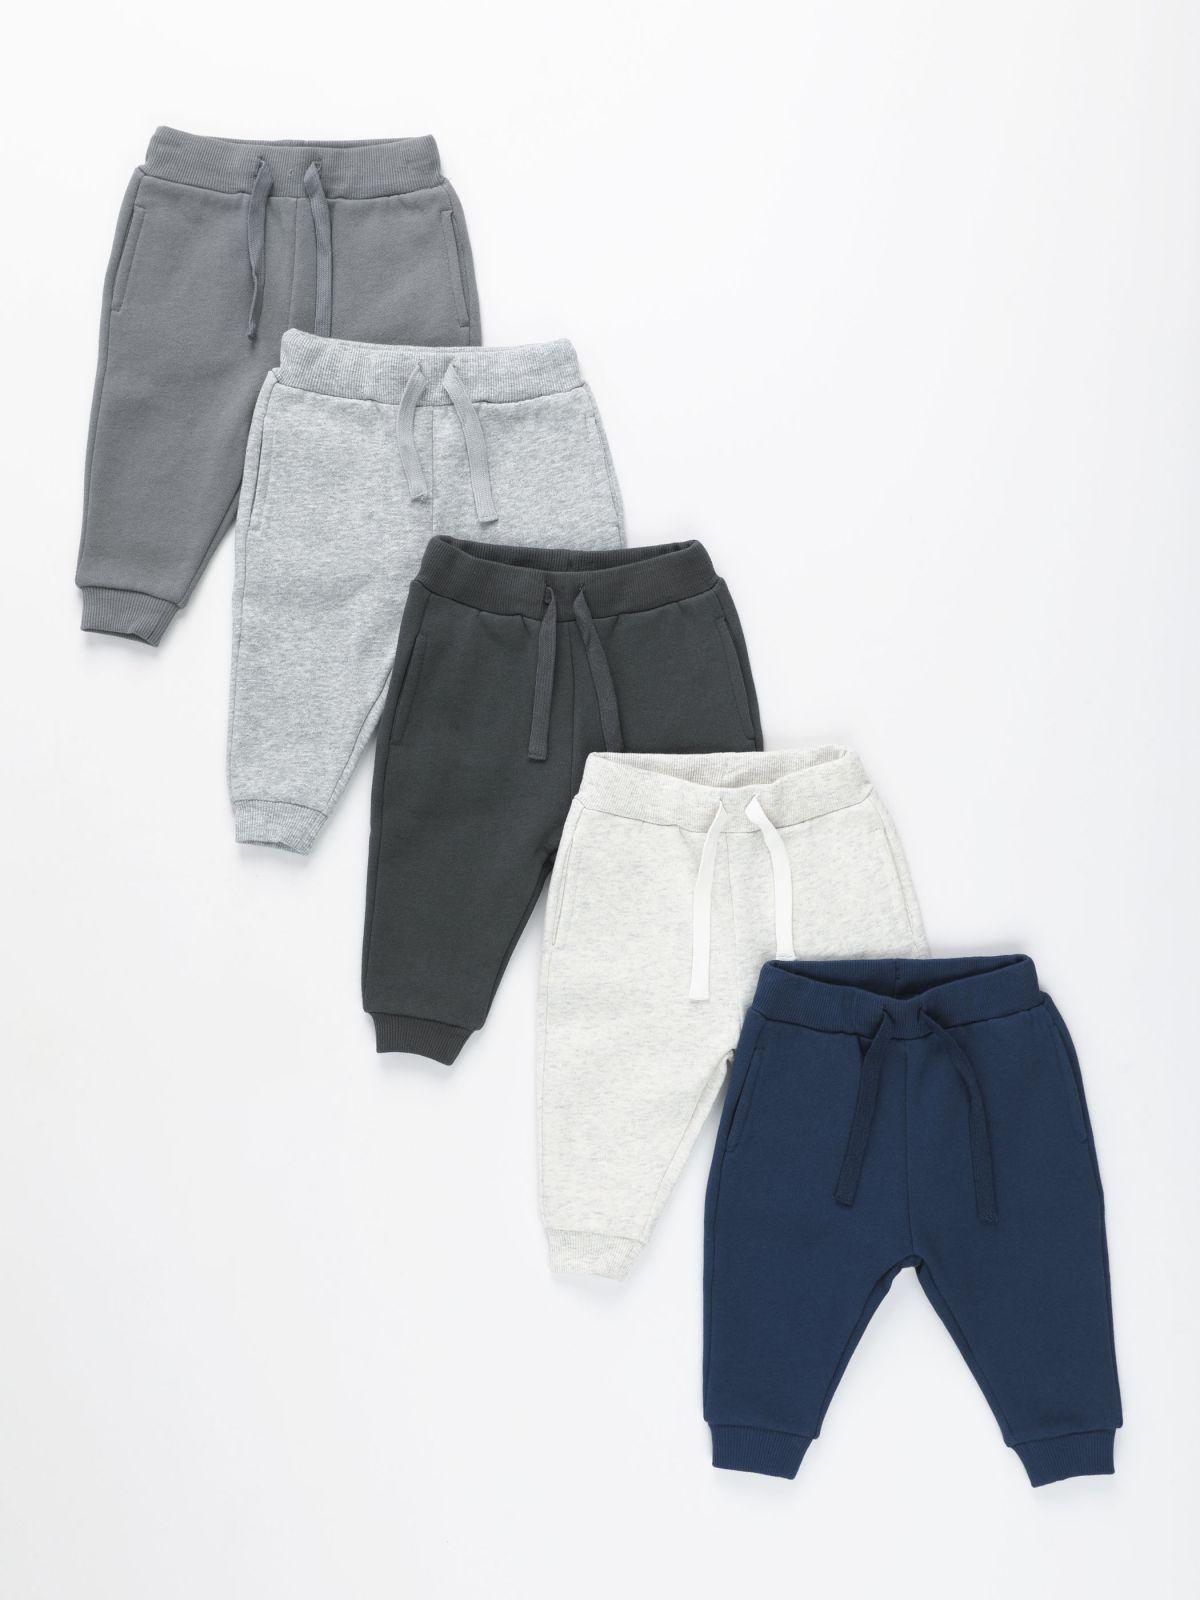 מארז 5 מכנסי פוטר ארוכים / 3M-14Yמארז 5 מכנסי פוטר ארוכים / 3M-14Y של TERMINAL X KIDS